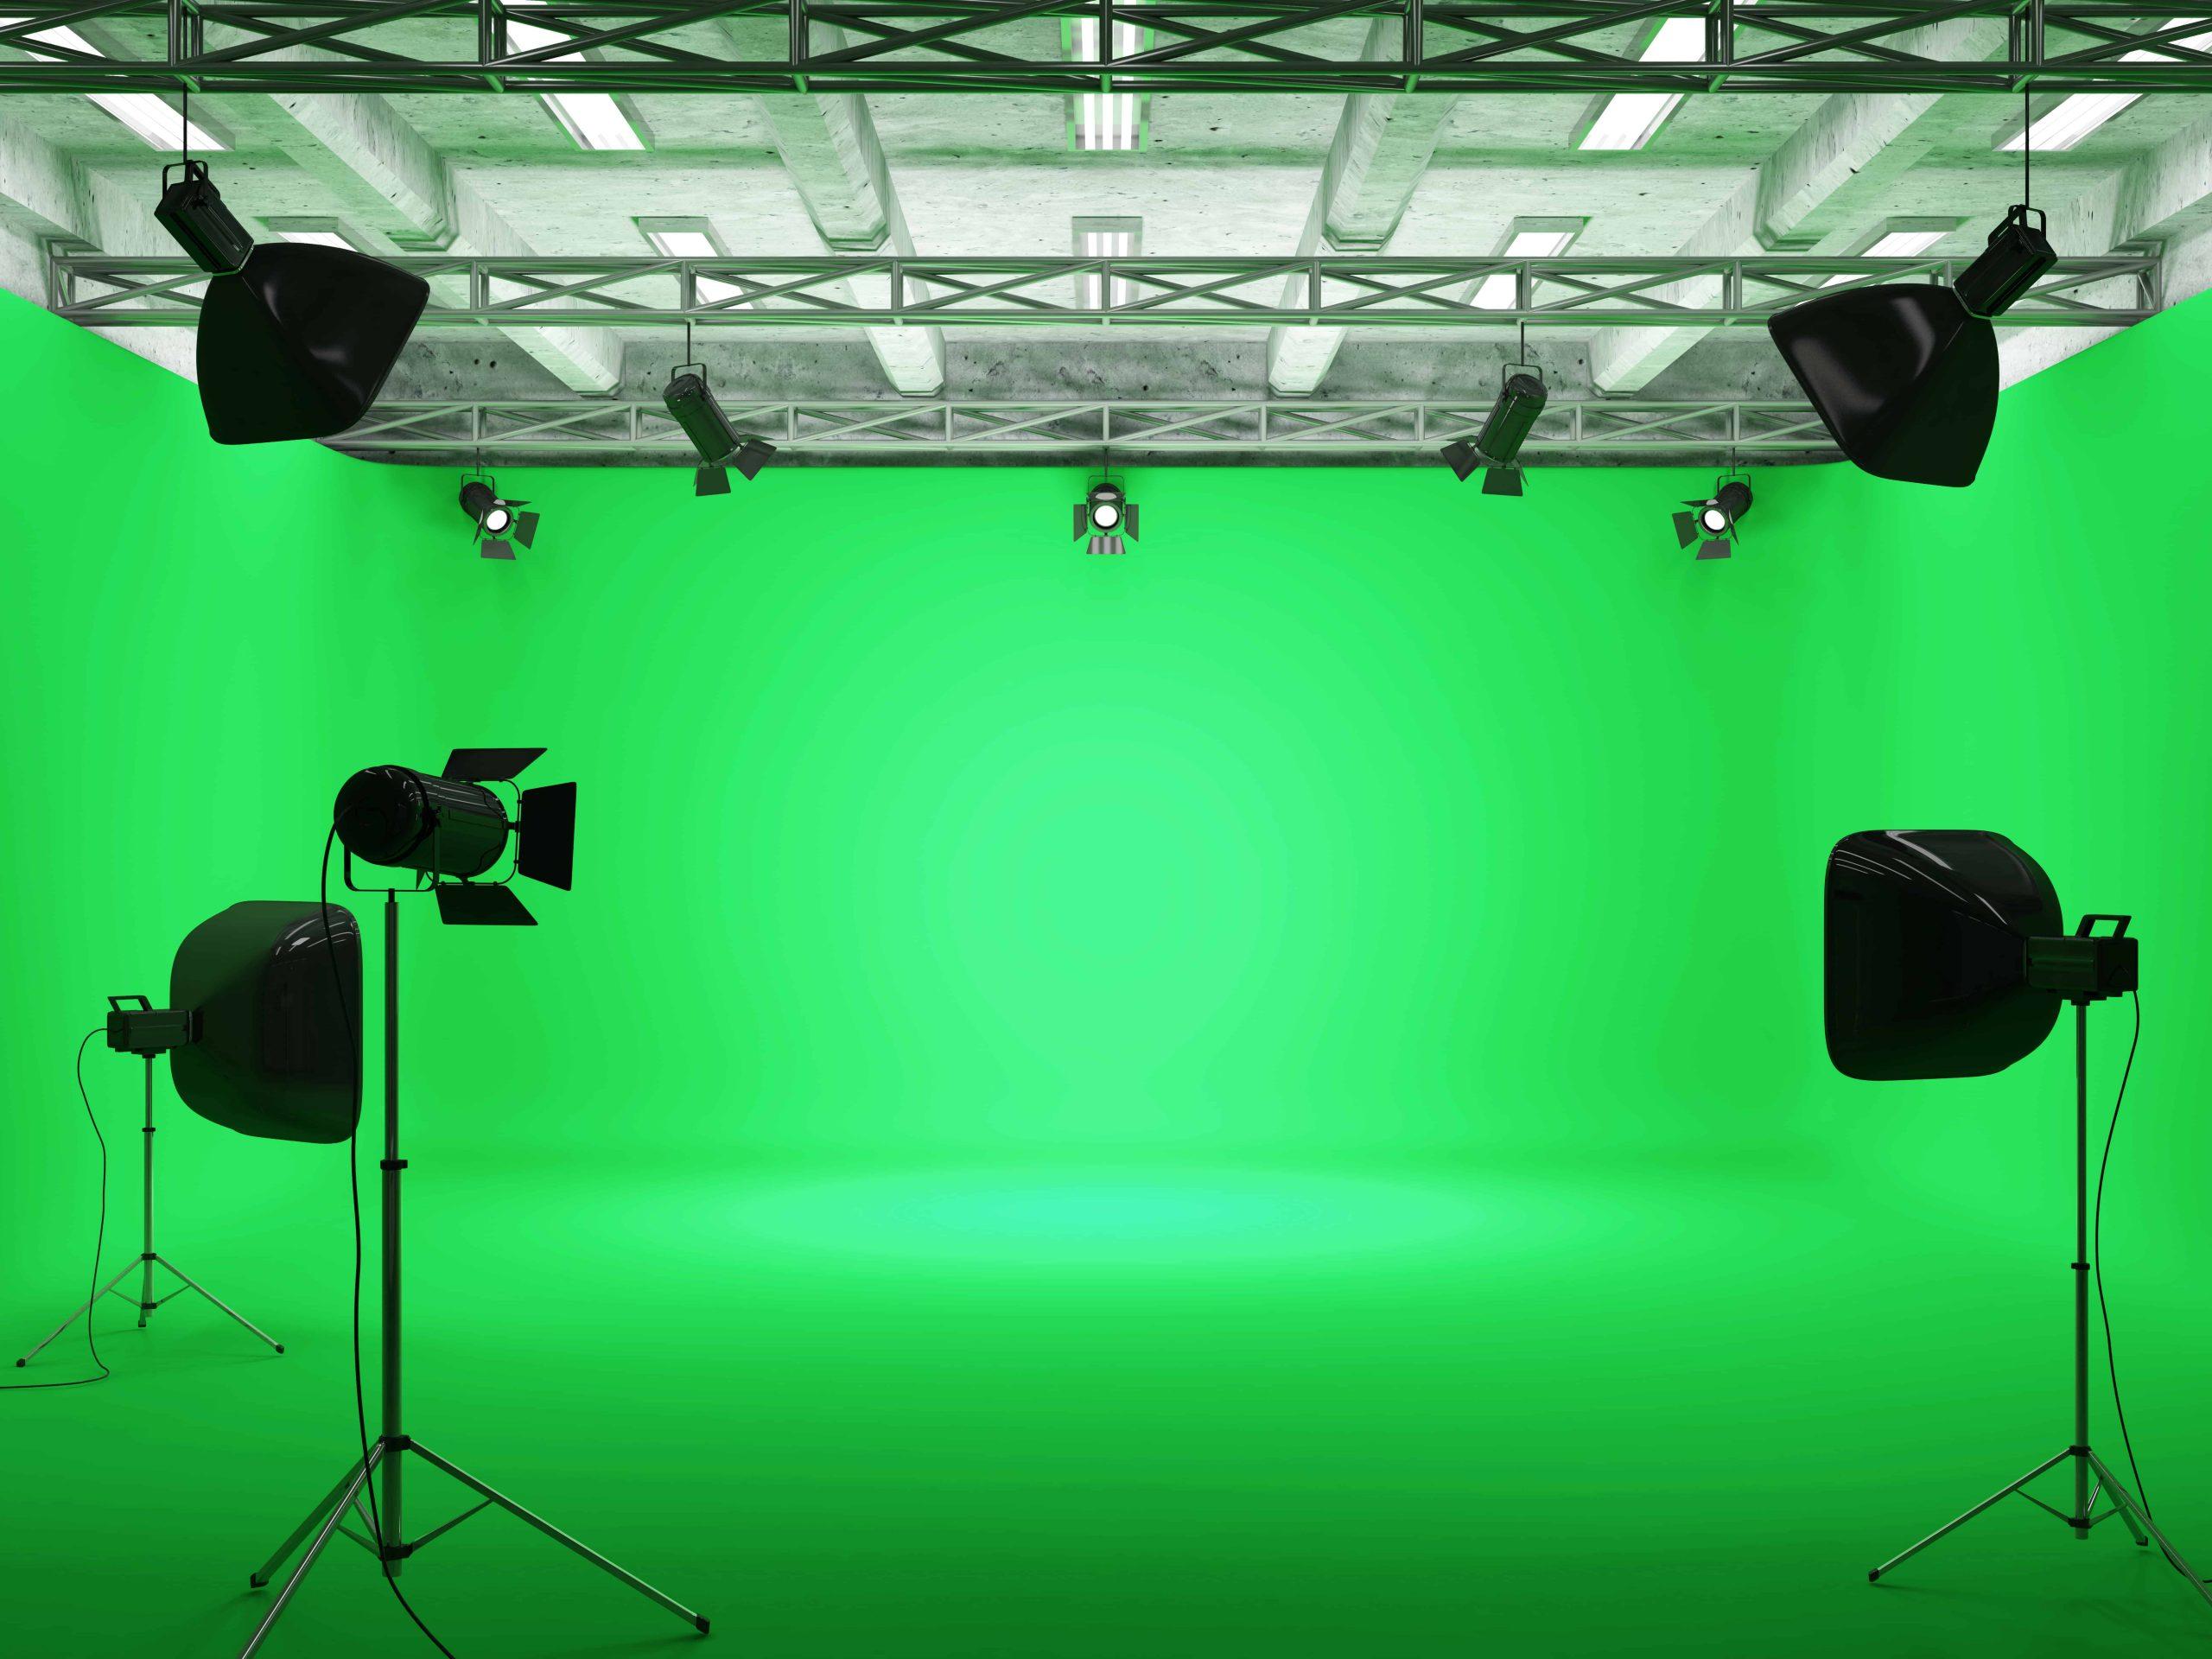 Miglior green screen 2021: Guida all'acquisto